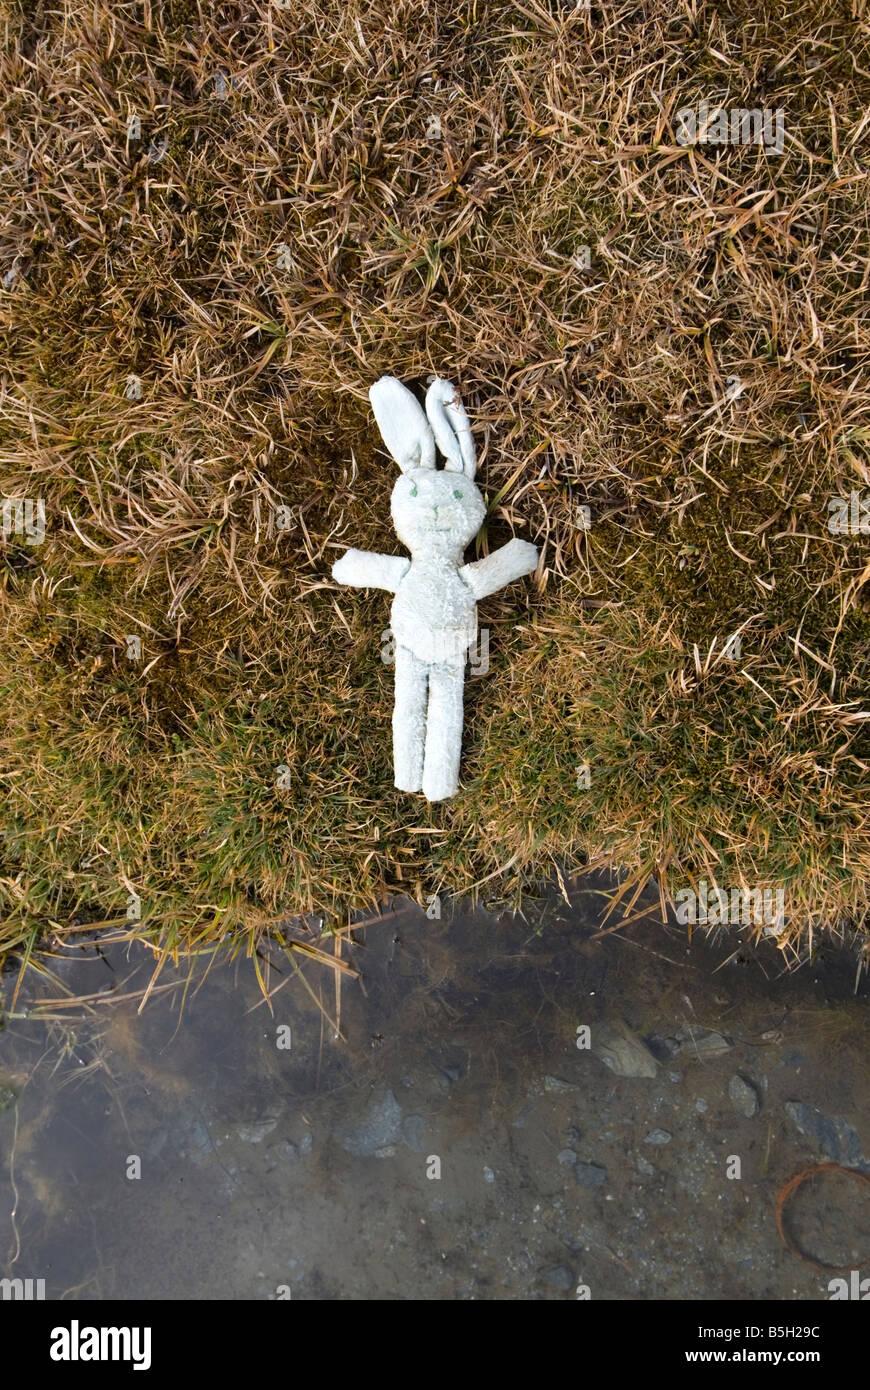 Verlassenes Kind s Spielzeug Hase Verlegung auf dem Rasen neben Waters edge abstrakt Stockbild